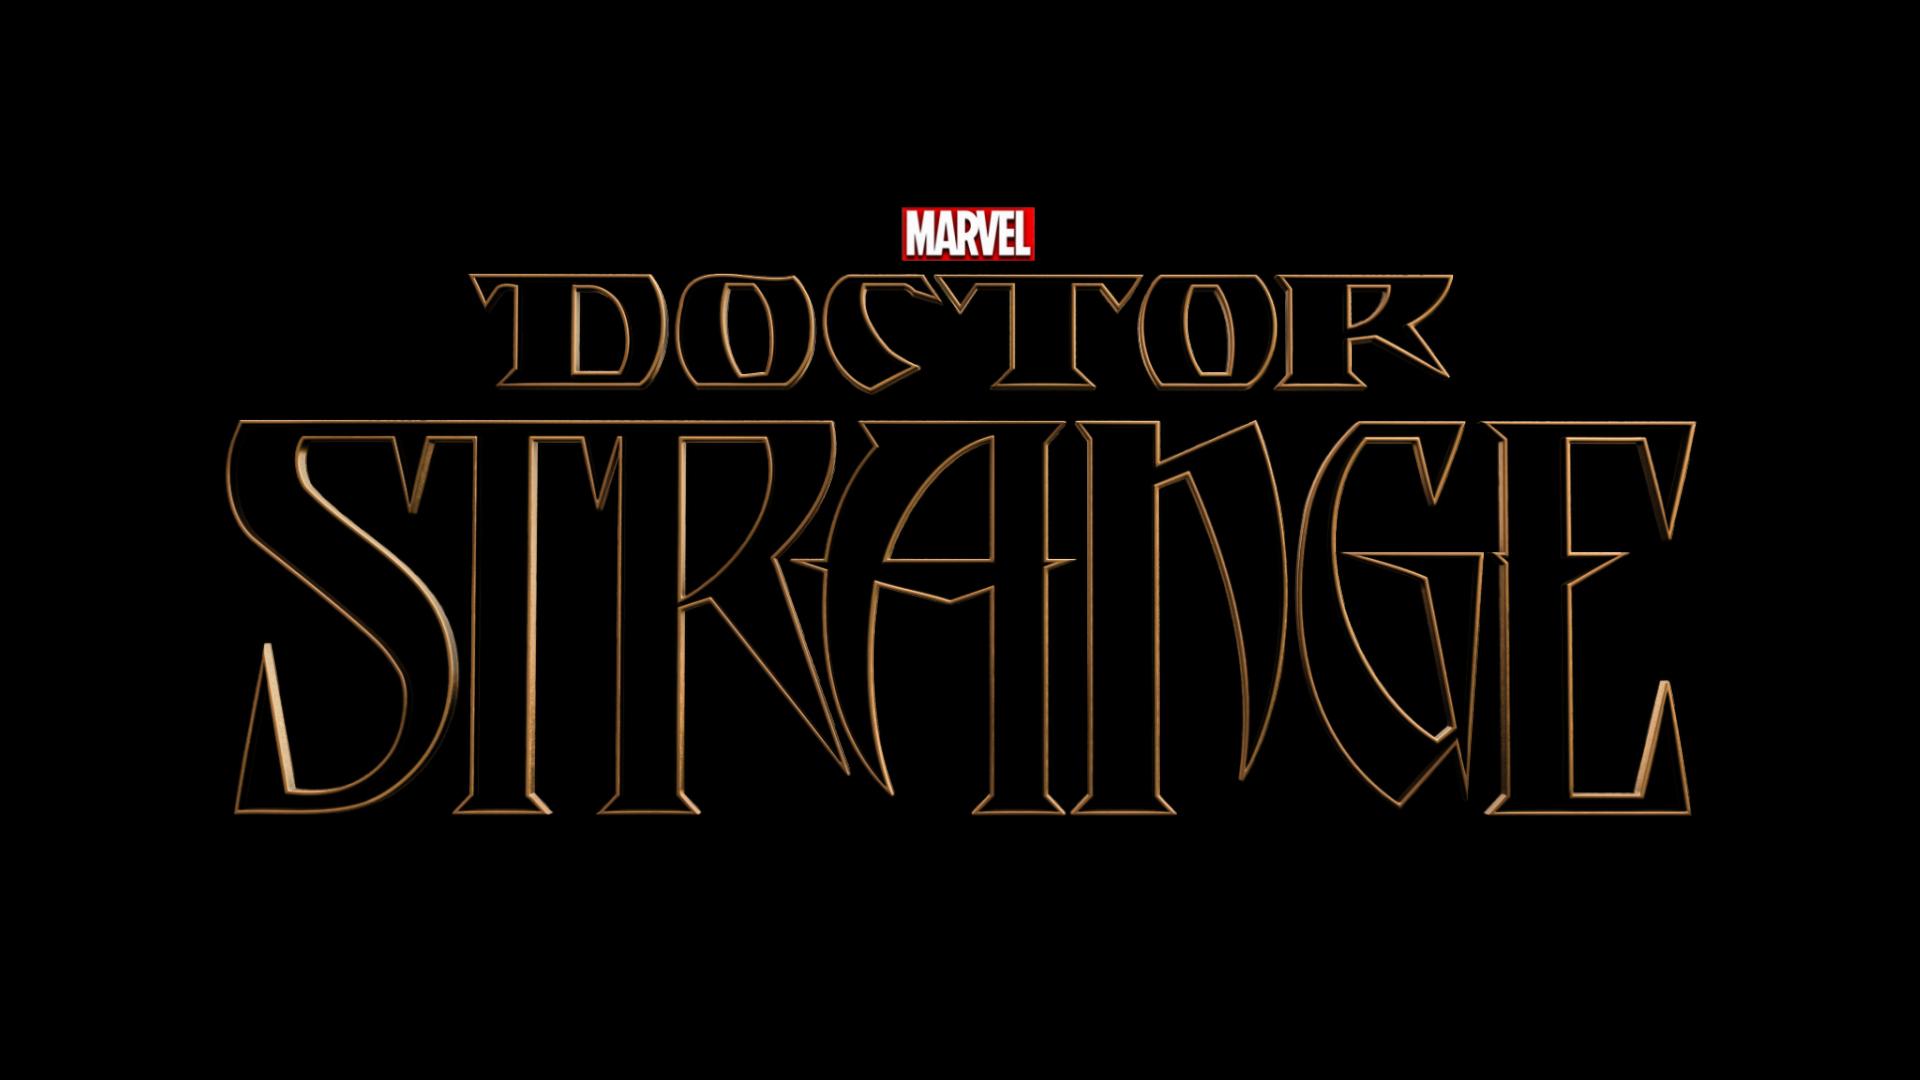 New Doctor Strange Hi-Res Images